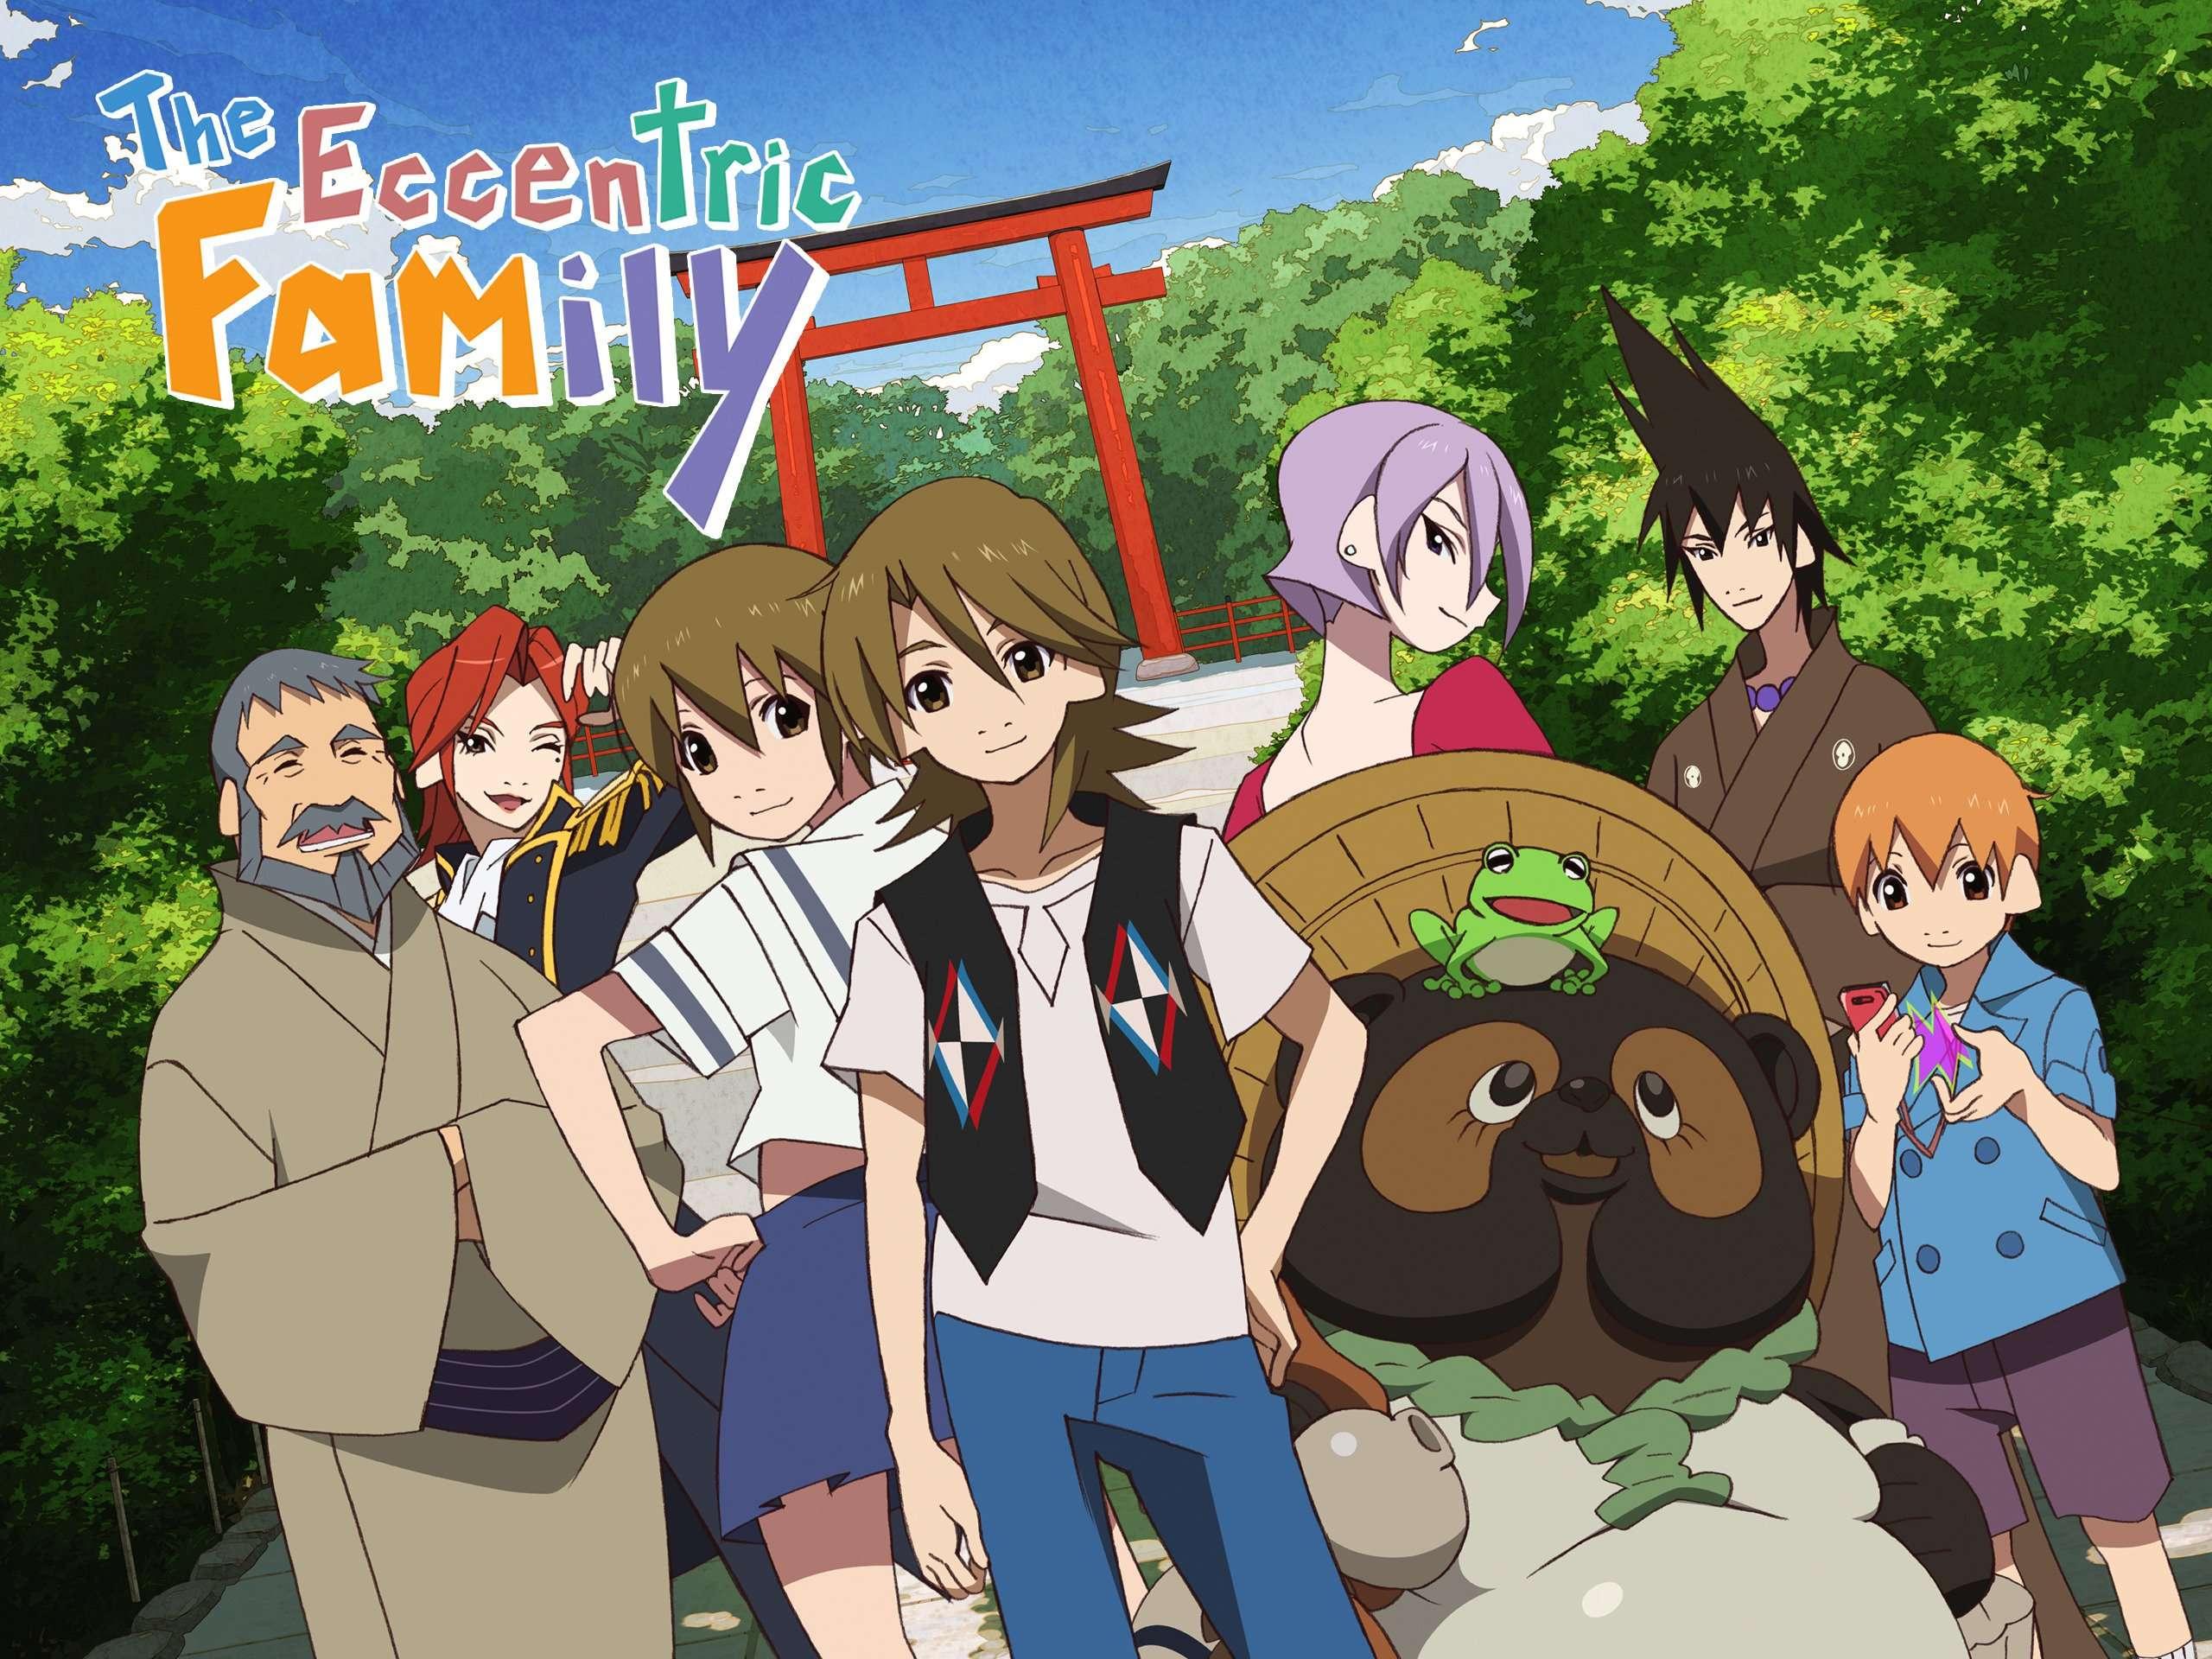 The Eccentric Family - 2013